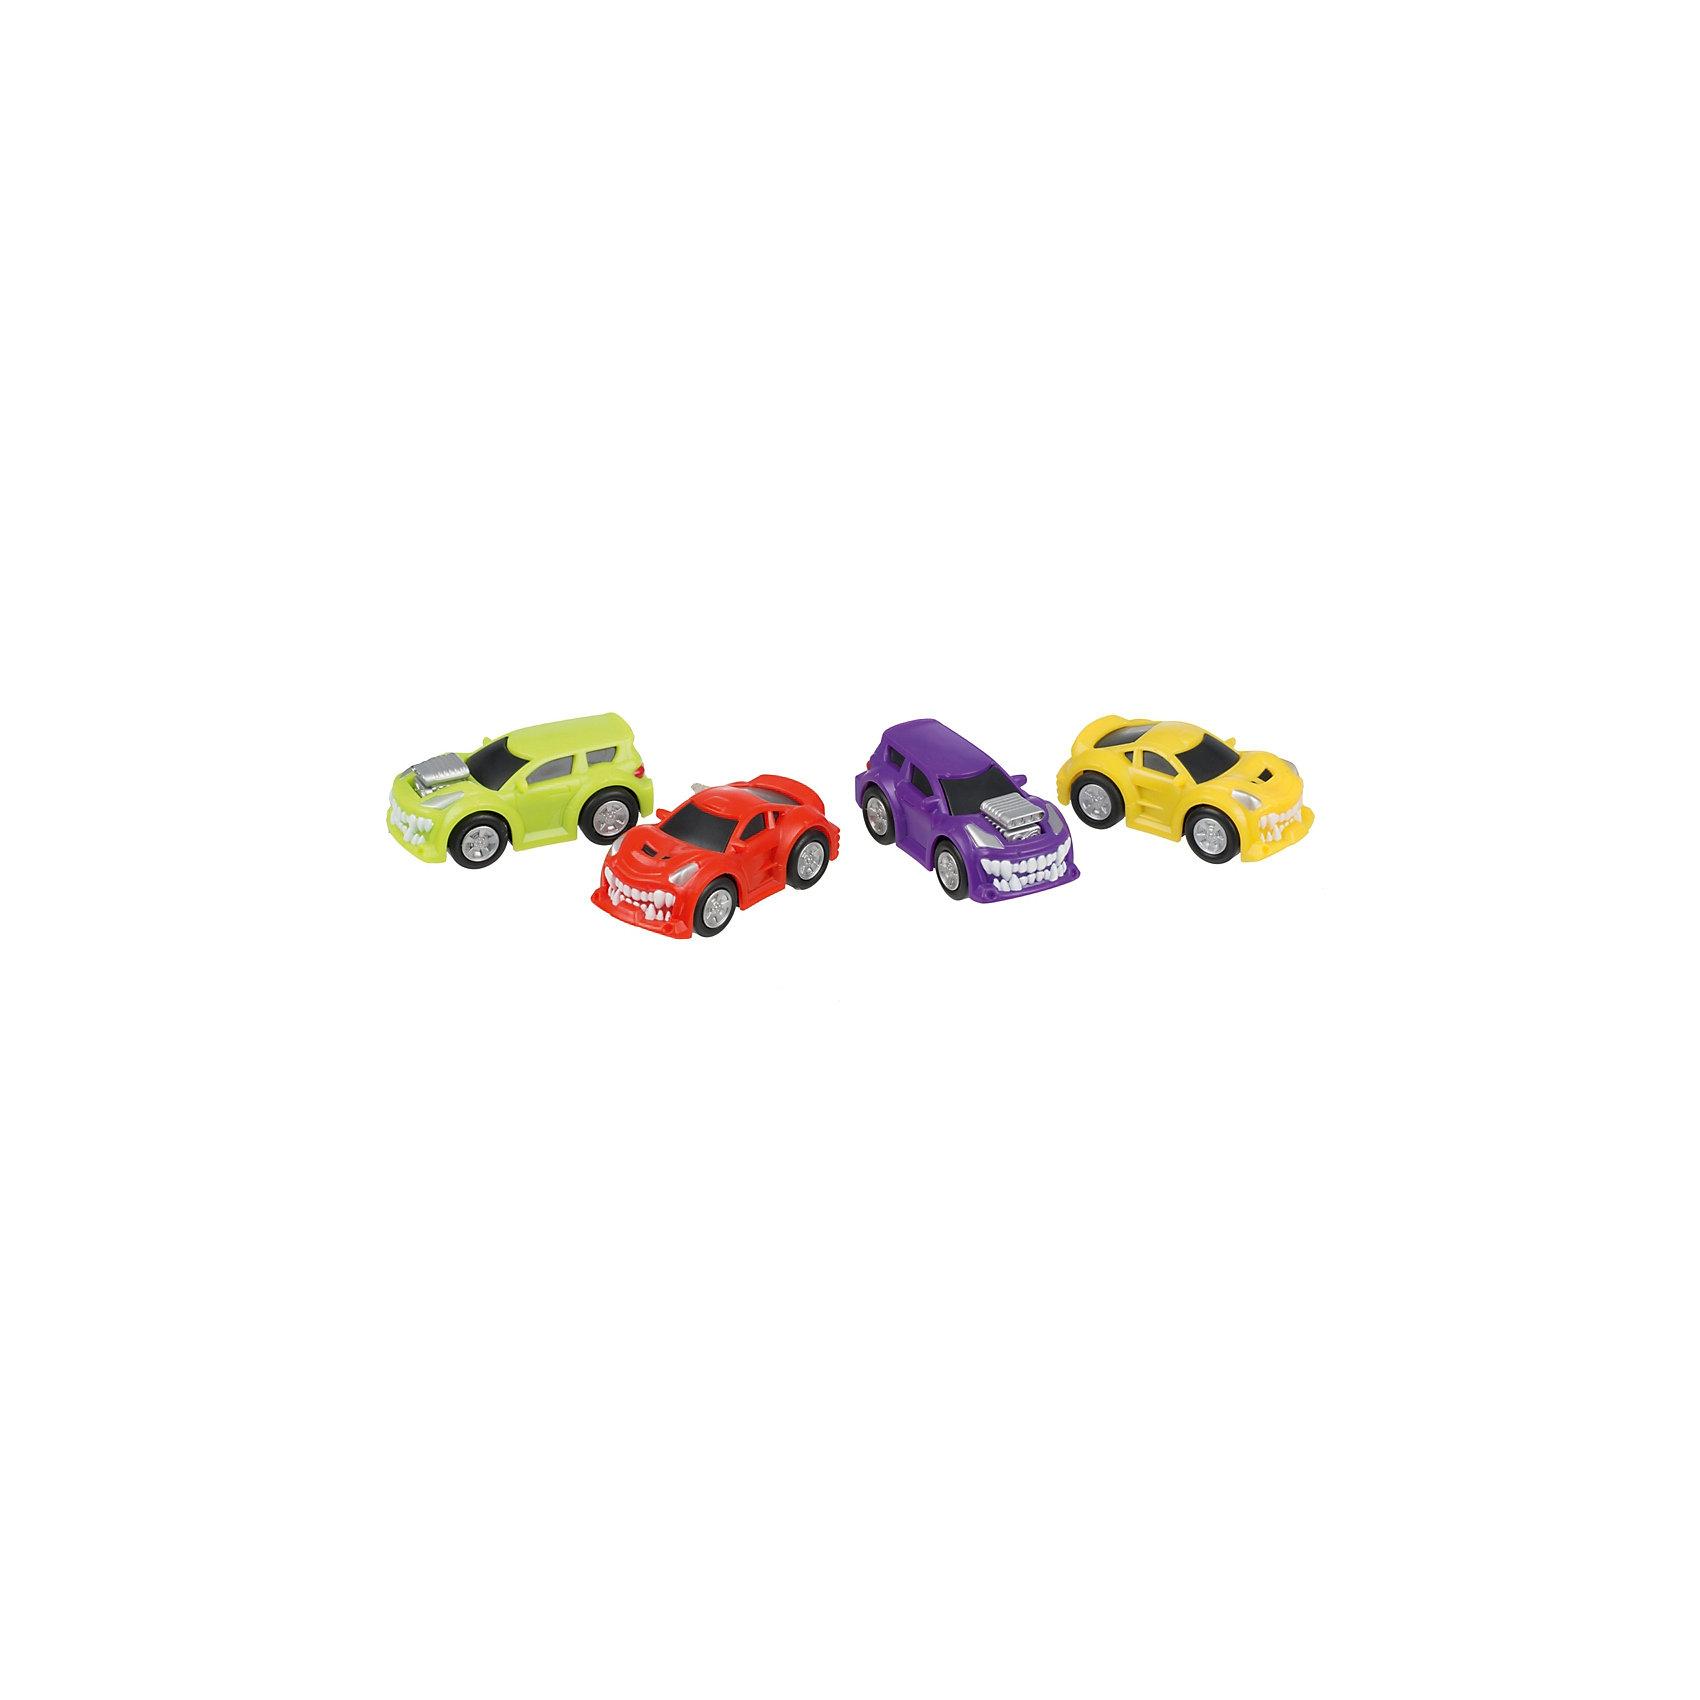 Набор машинок Зомби, HTIНабор изготовлен из высококачественного пластика, что обеспечивает долгий срок службы. Помимо развлекающей функции, эта игрушка обеспечивает расширение кругозора, улучшает ментальные способности ребенка.<br>В наборе 2 машинки.Инерционная машина. Размер игрушки 7 см. В наборе 2 штуки.<br><br>Ширина мм: 195<br>Глубина мм: 165<br>Высота мм: 45<br>Вес г: 150<br>Возраст от месяцев: 36<br>Возраст до месяцев: 168<br>Пол: Мужской<br>Возраст: Детский<br>SKU: 5366535